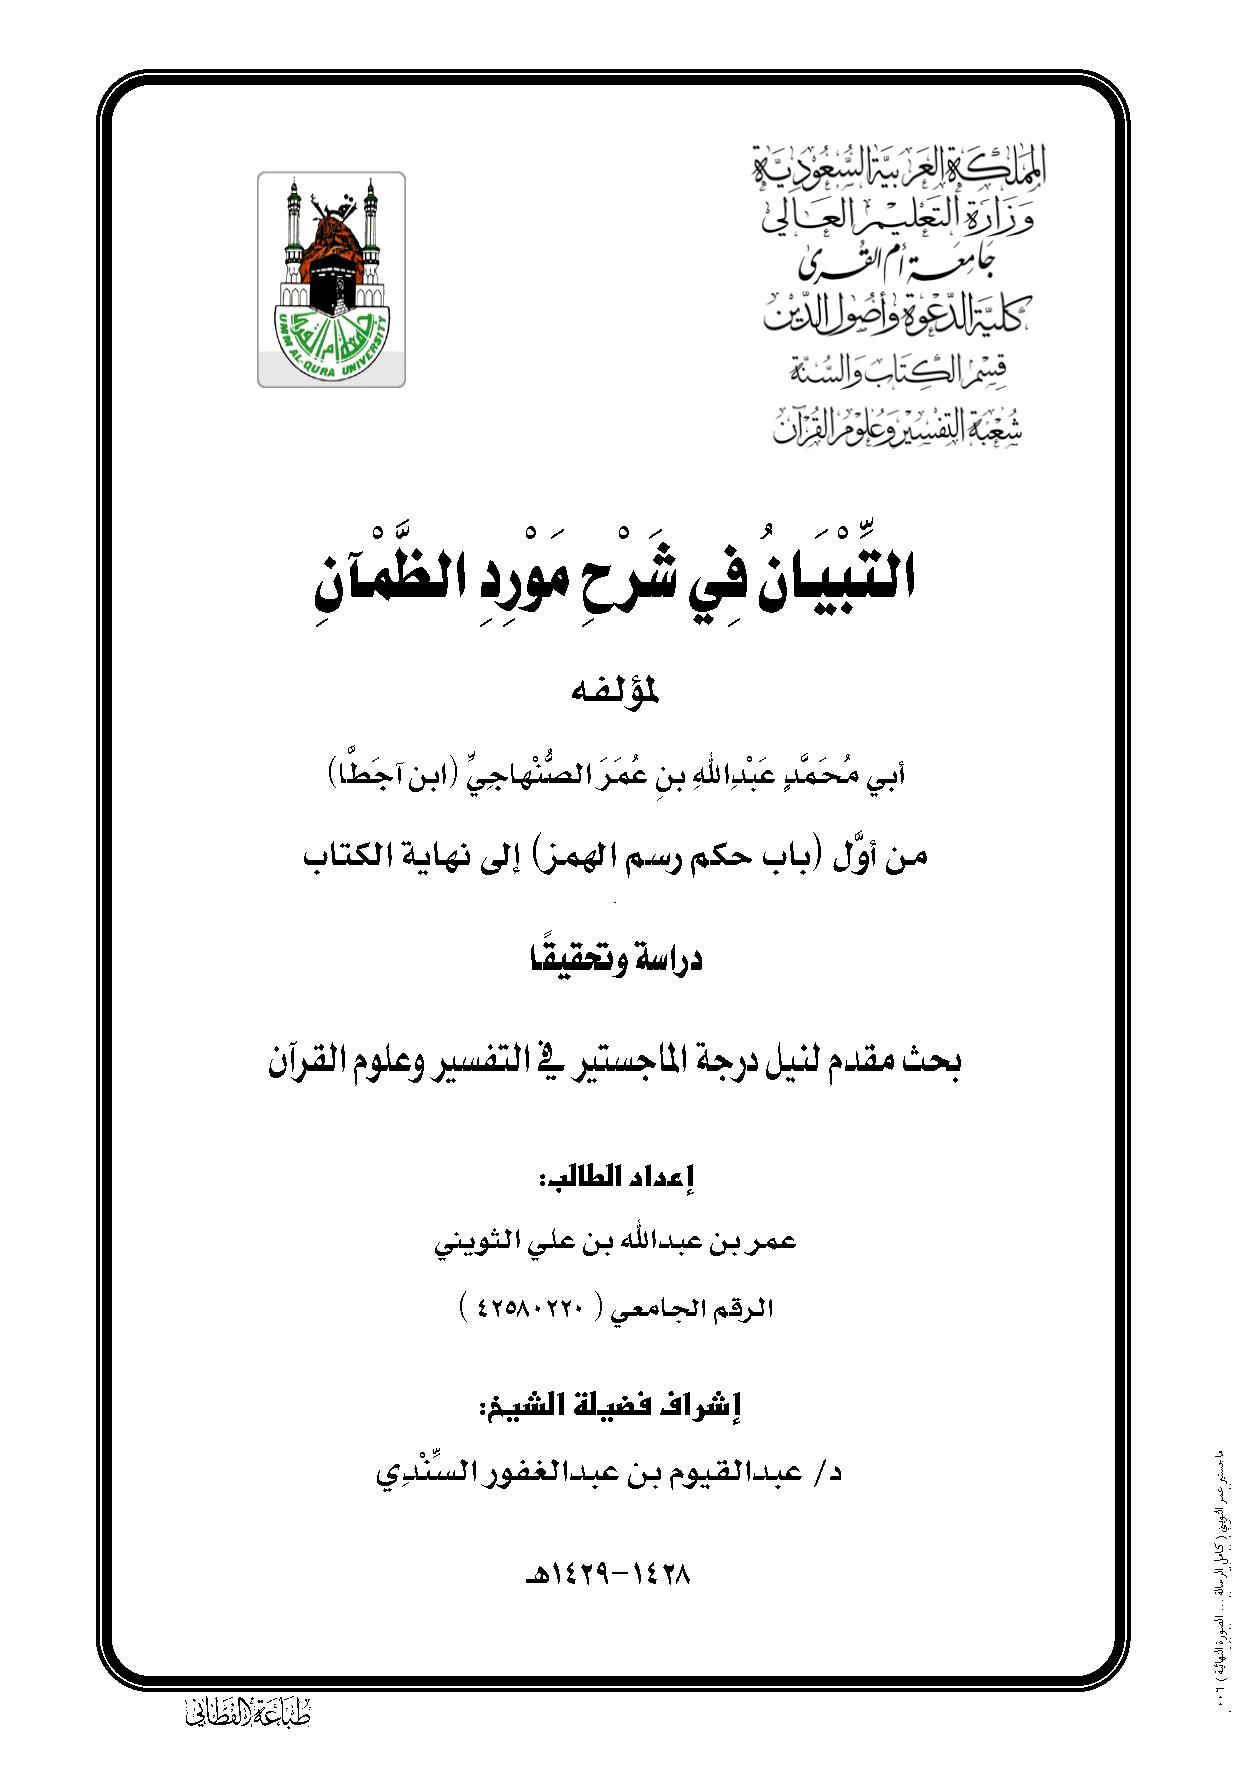 تحميل كتاب التبيان في شرح مورد الظمآن (من أول باب حكم رسم الهمز إلى نهاية الكتاب) لـِ: الإمام أبو محمد عبد الله بن عمر الصنهاجي، ابن آجطَّا (ت 750)